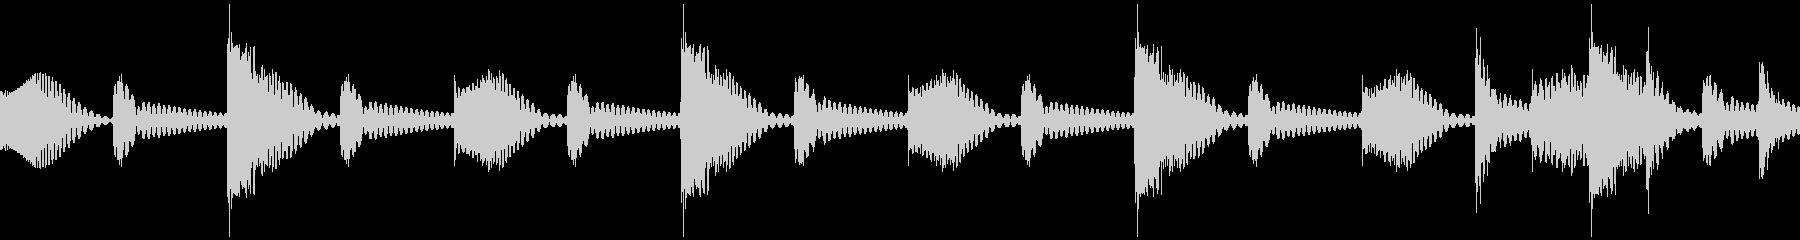 ムーブバージョン8の未再生の波形